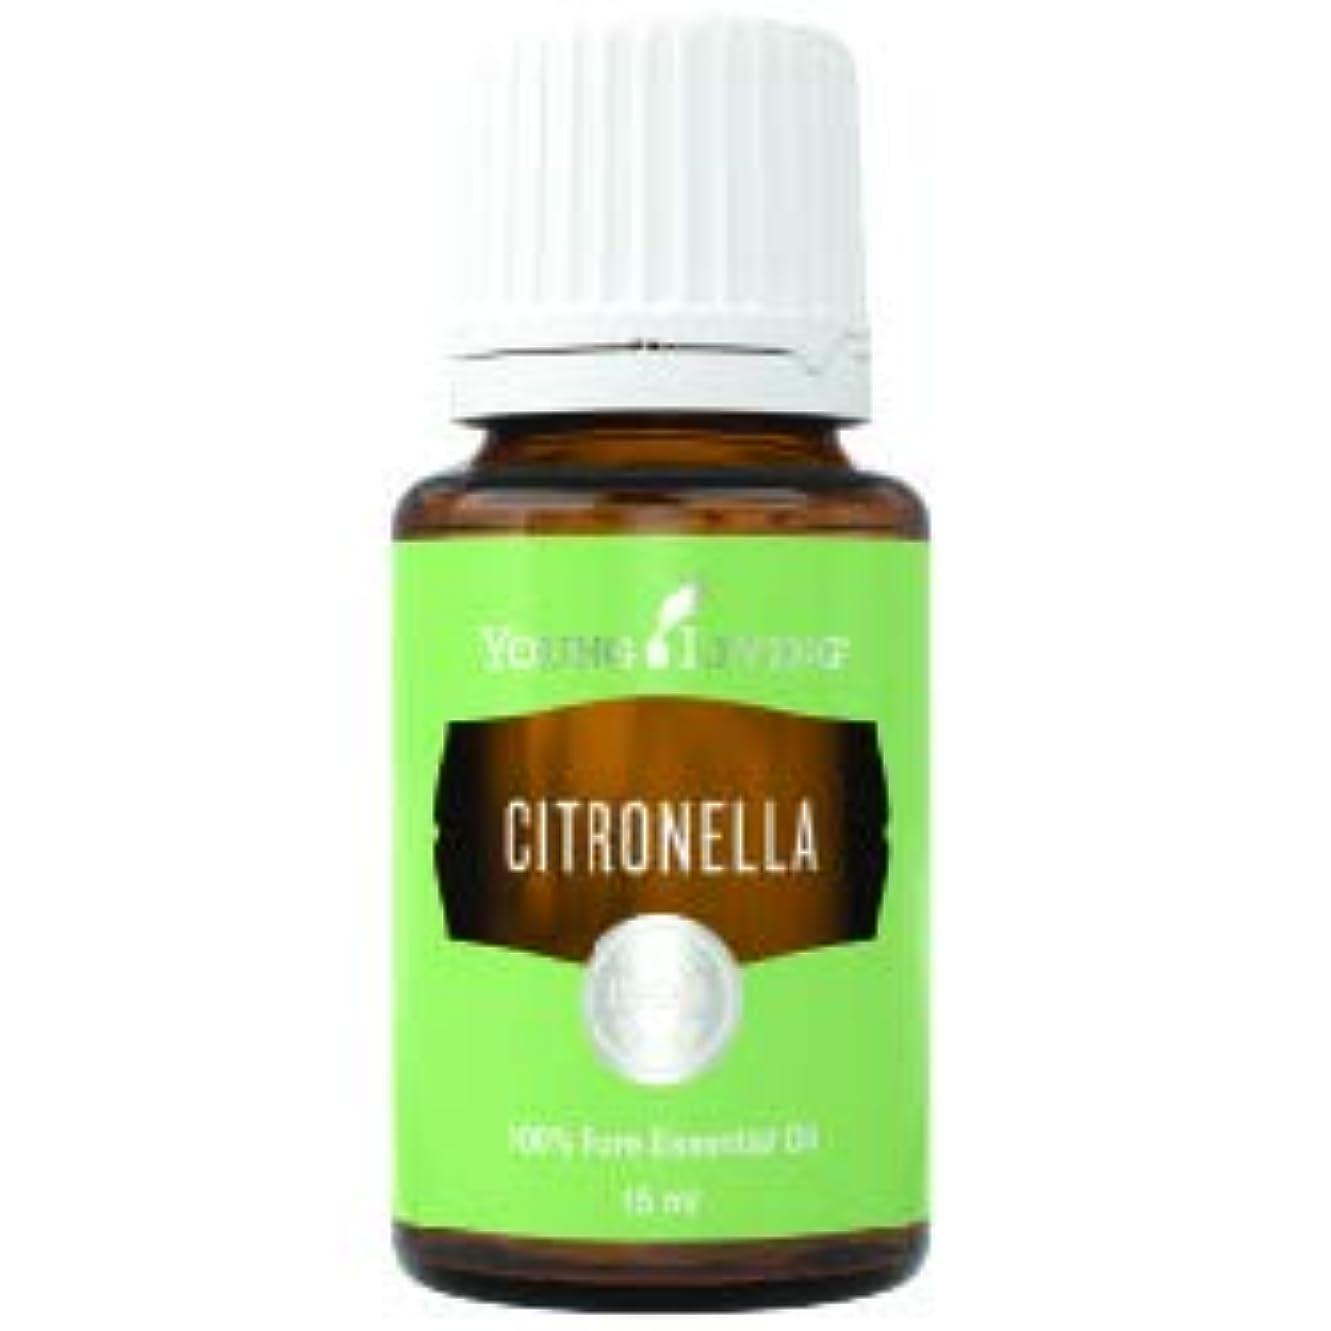 検査官リファイン摩擦シトロネラエッセンシャルオイル15 ml byヤングリビングマレーシア Citronella Essential Oil 15 ml by Young Living Malaysia